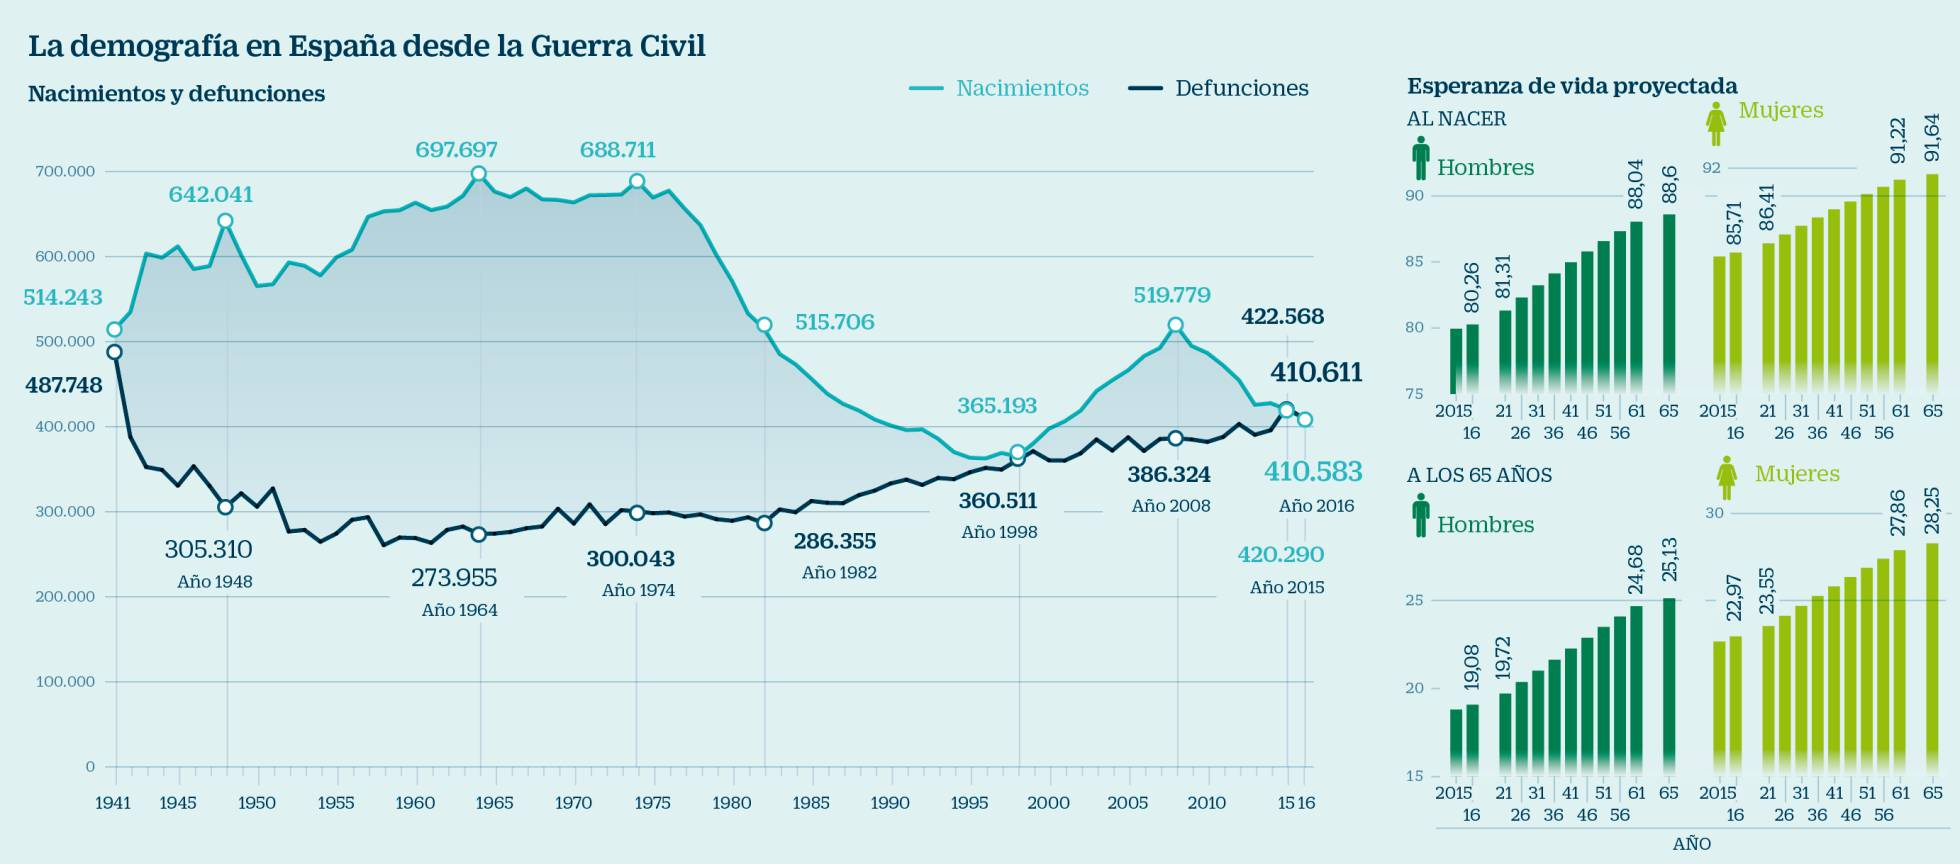 Demografía. España: fecundidad, nupcialidad, natalidad, esperanza media de vida.  - Página 2 1513620244_600299_1513628756_noticia_normal_recorte1